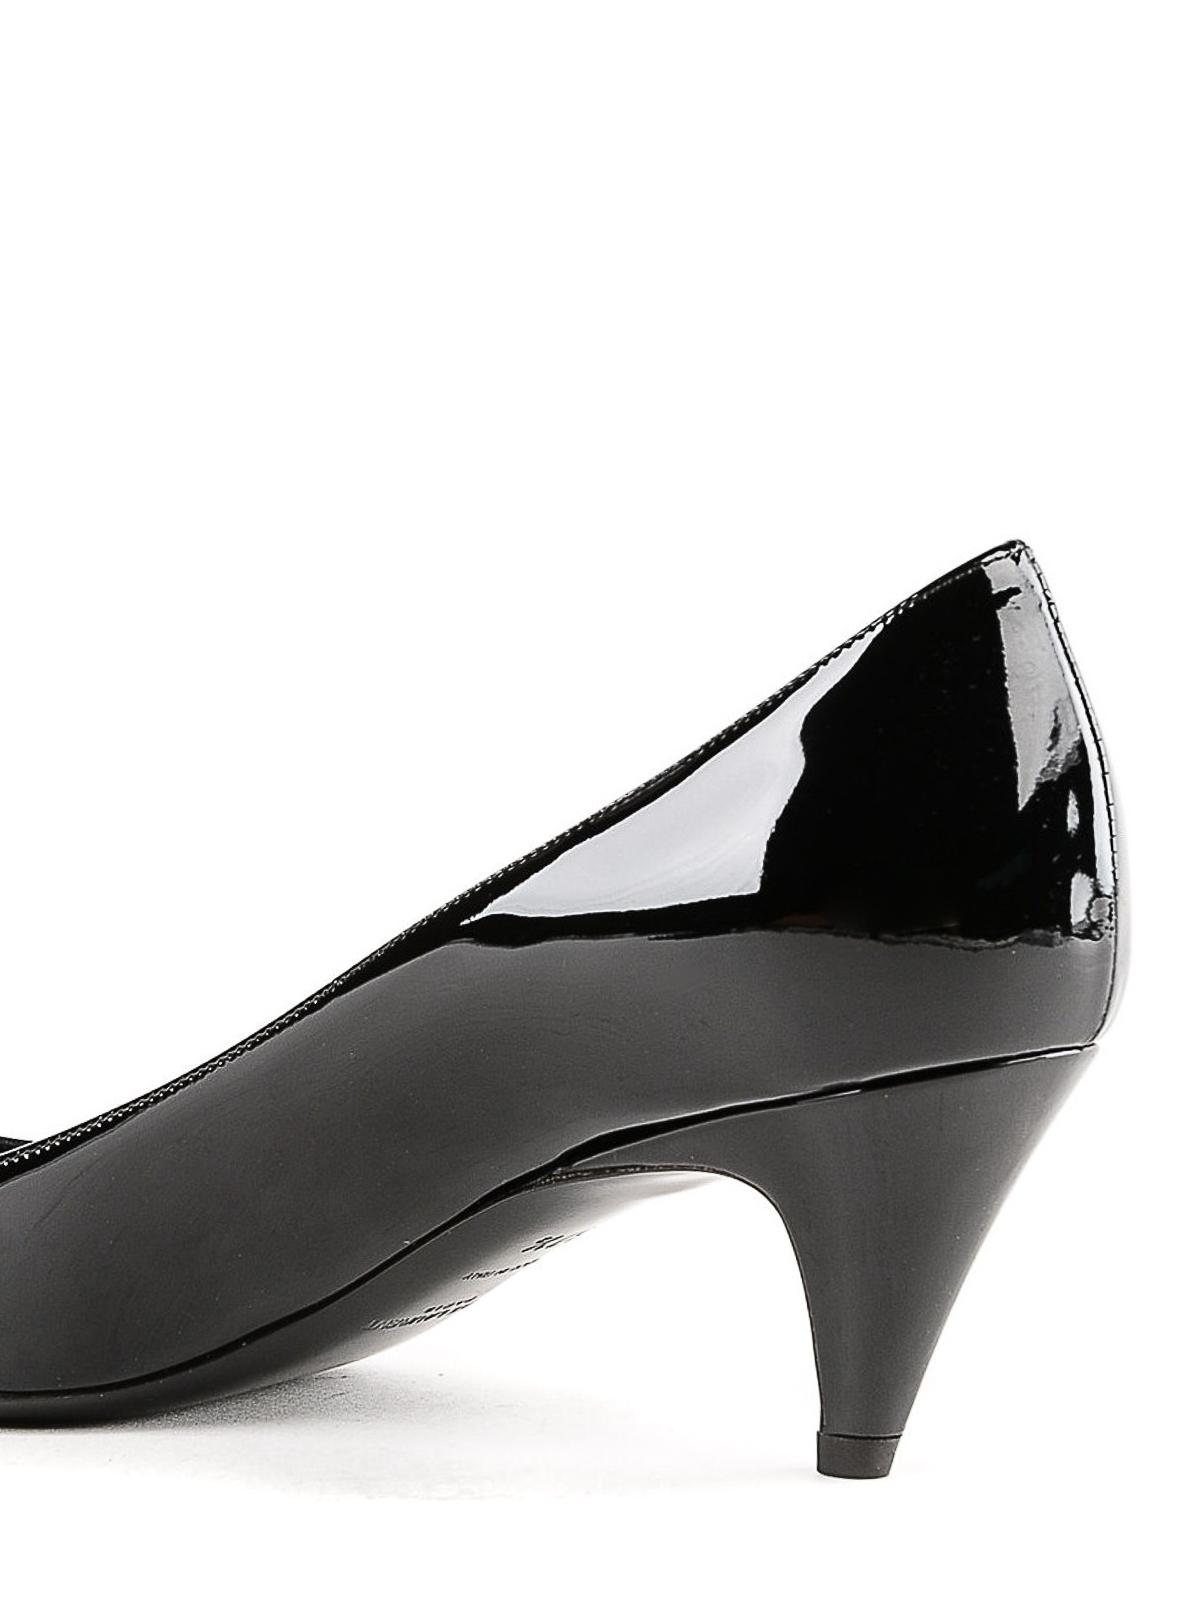 55 Saint Escarpins Talon Chaussures À Charlotte Laurent gb76yf